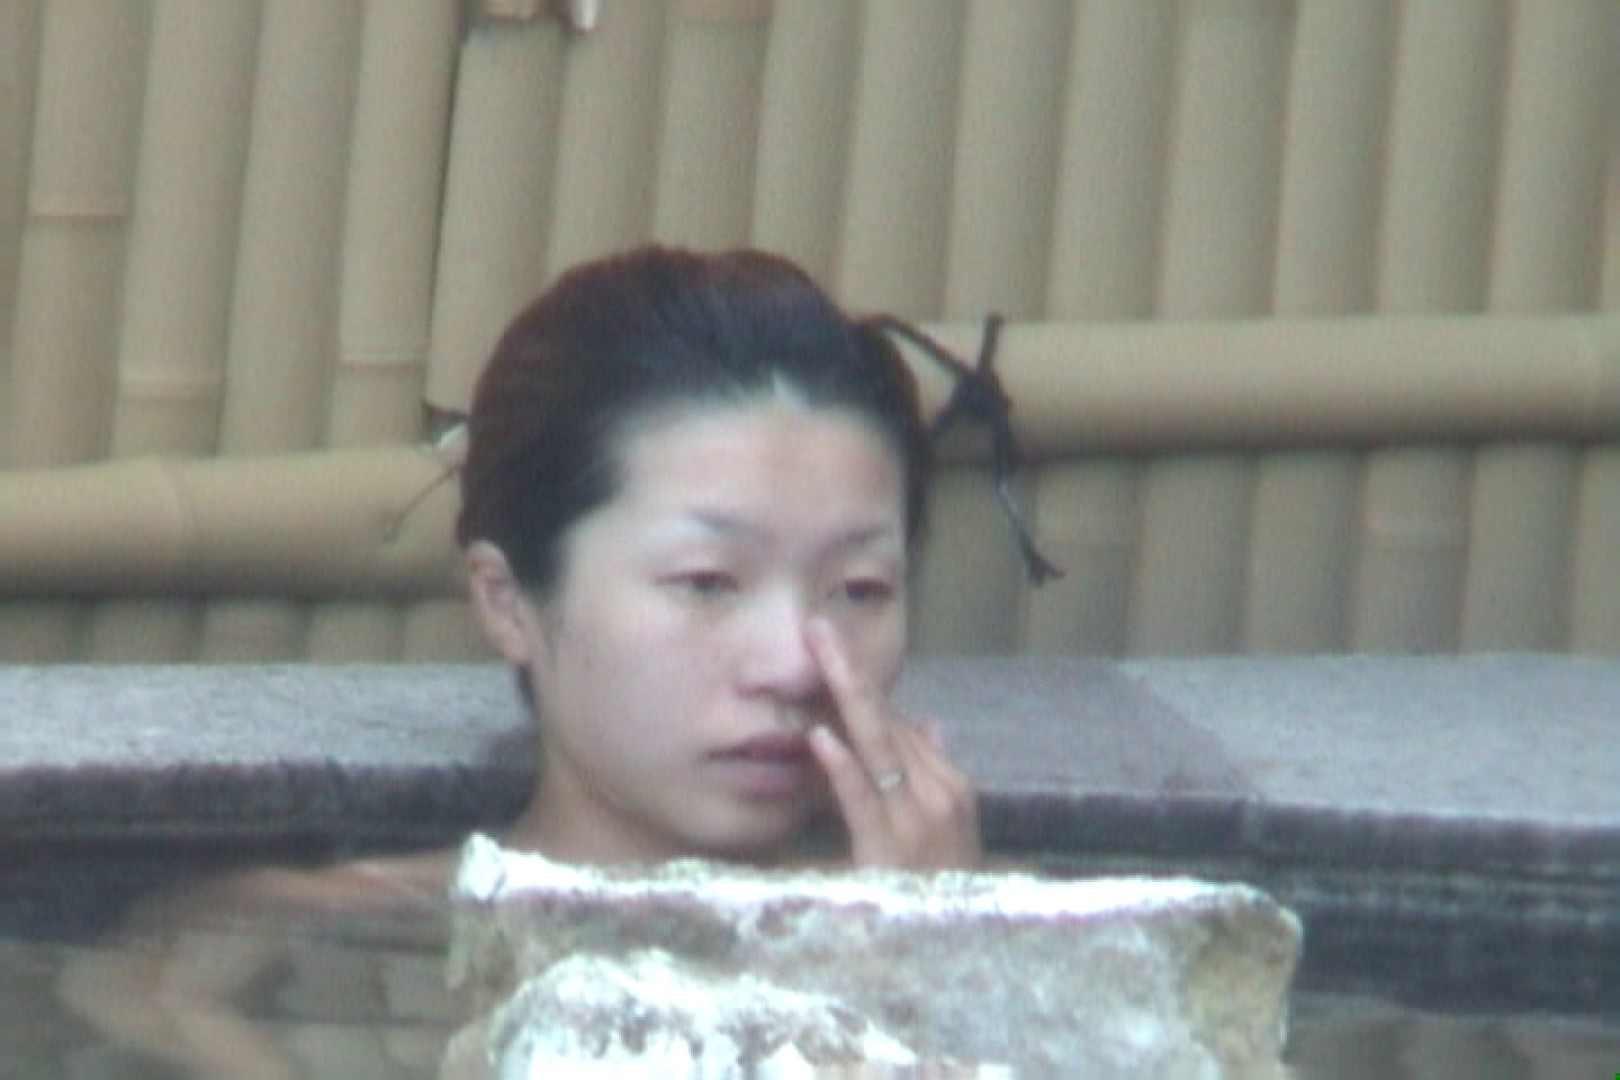 Aquaな露天風呂Vol.571 OLすけべ画像 ヌード画像 81連発 32